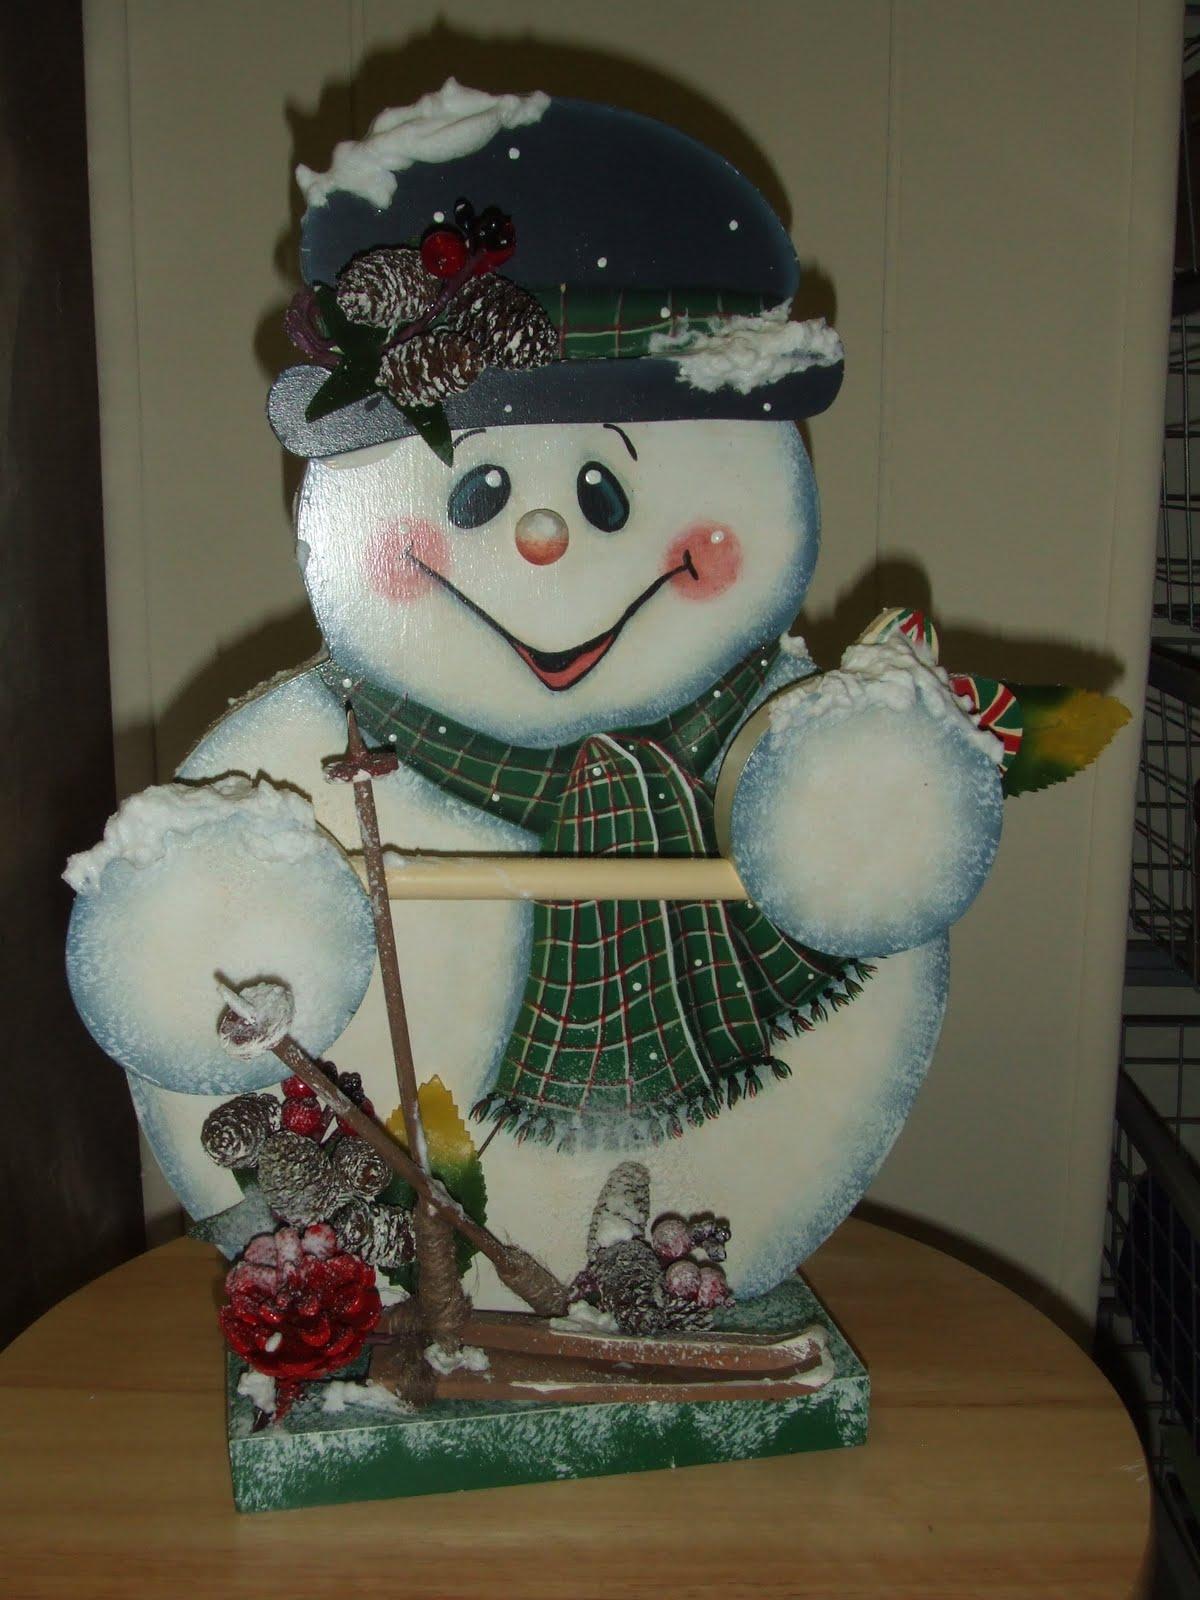 Cr ations hgf peinture sur bois - Bonhomme de neige en bois ...